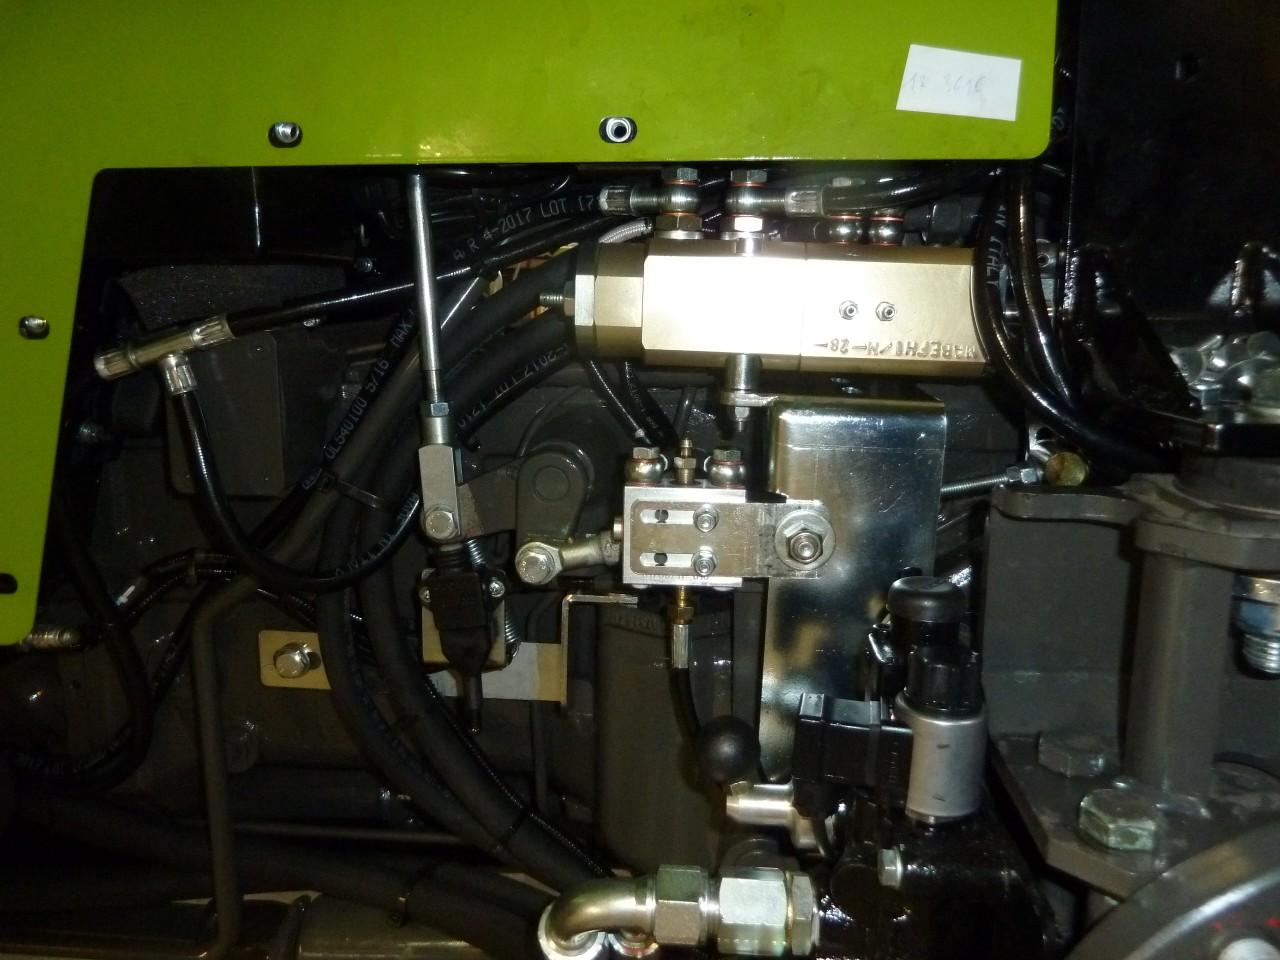 distributore-tipo-ma-be-fh1-m-collegato-con-la-valvola-di-frenatura-idraulica-rimorchio-tipo-ma-fhy-con-la-regolazione-della-frenata.jpg